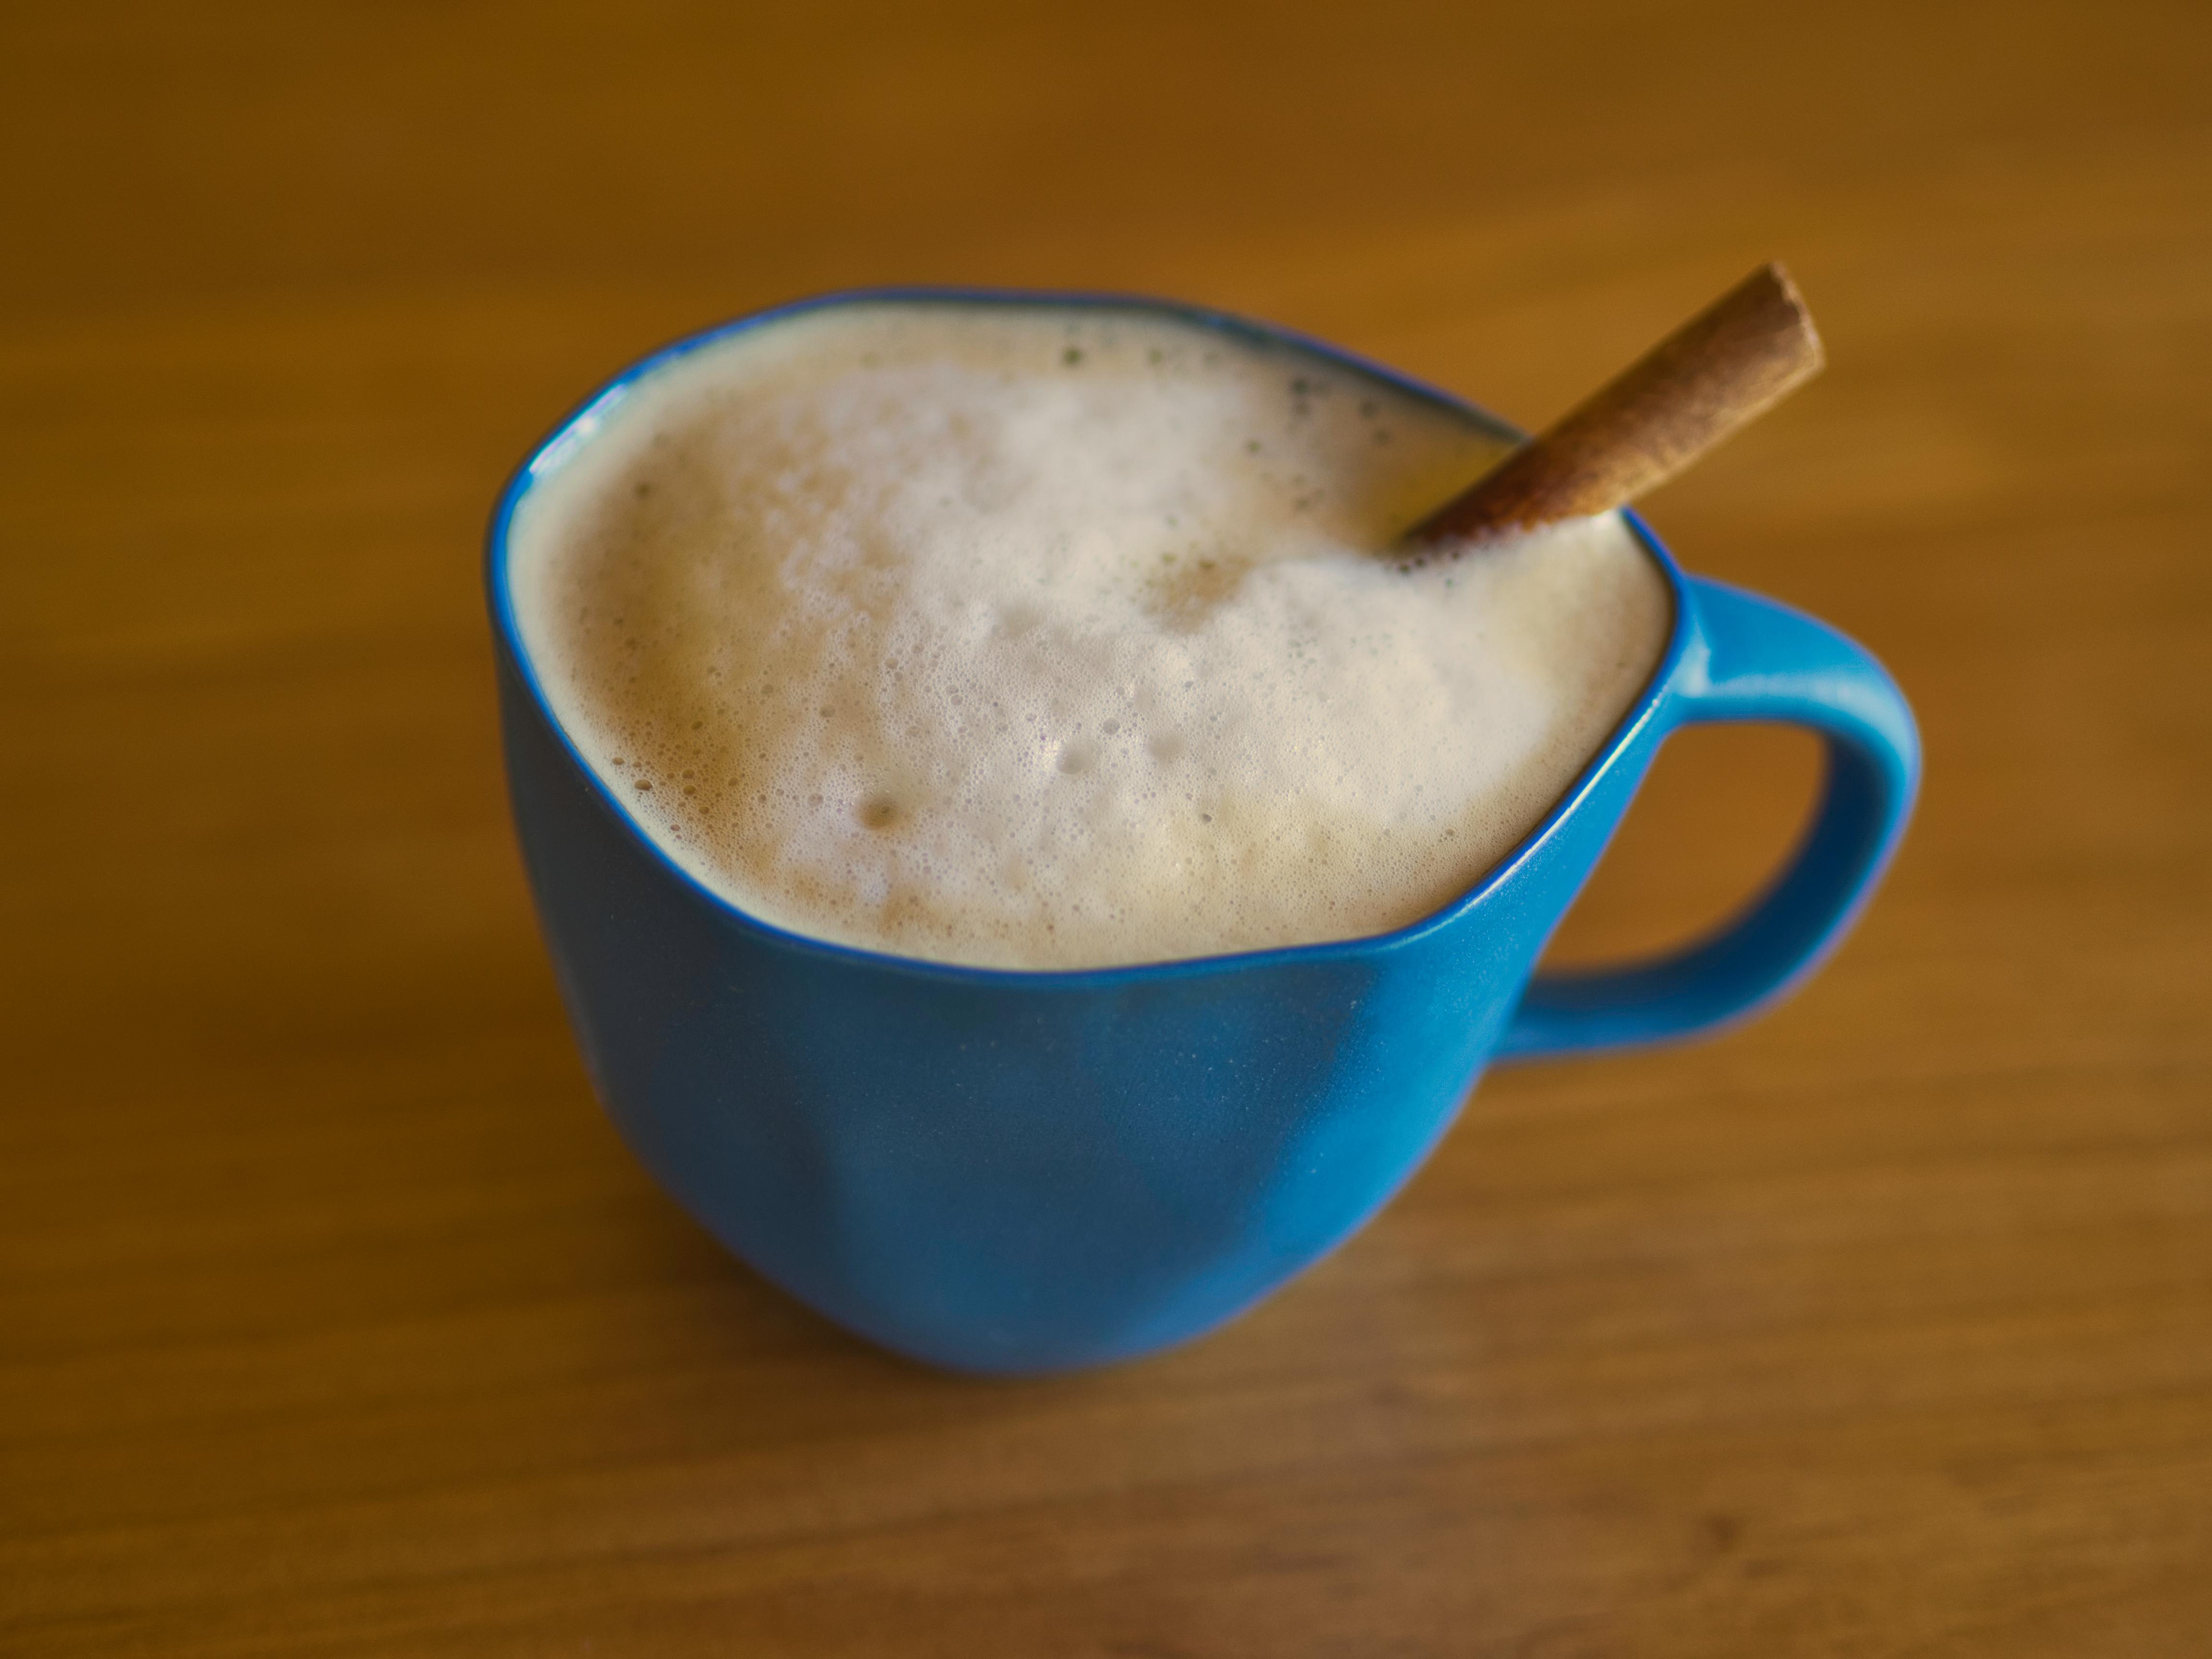 Home brewed cafe latte